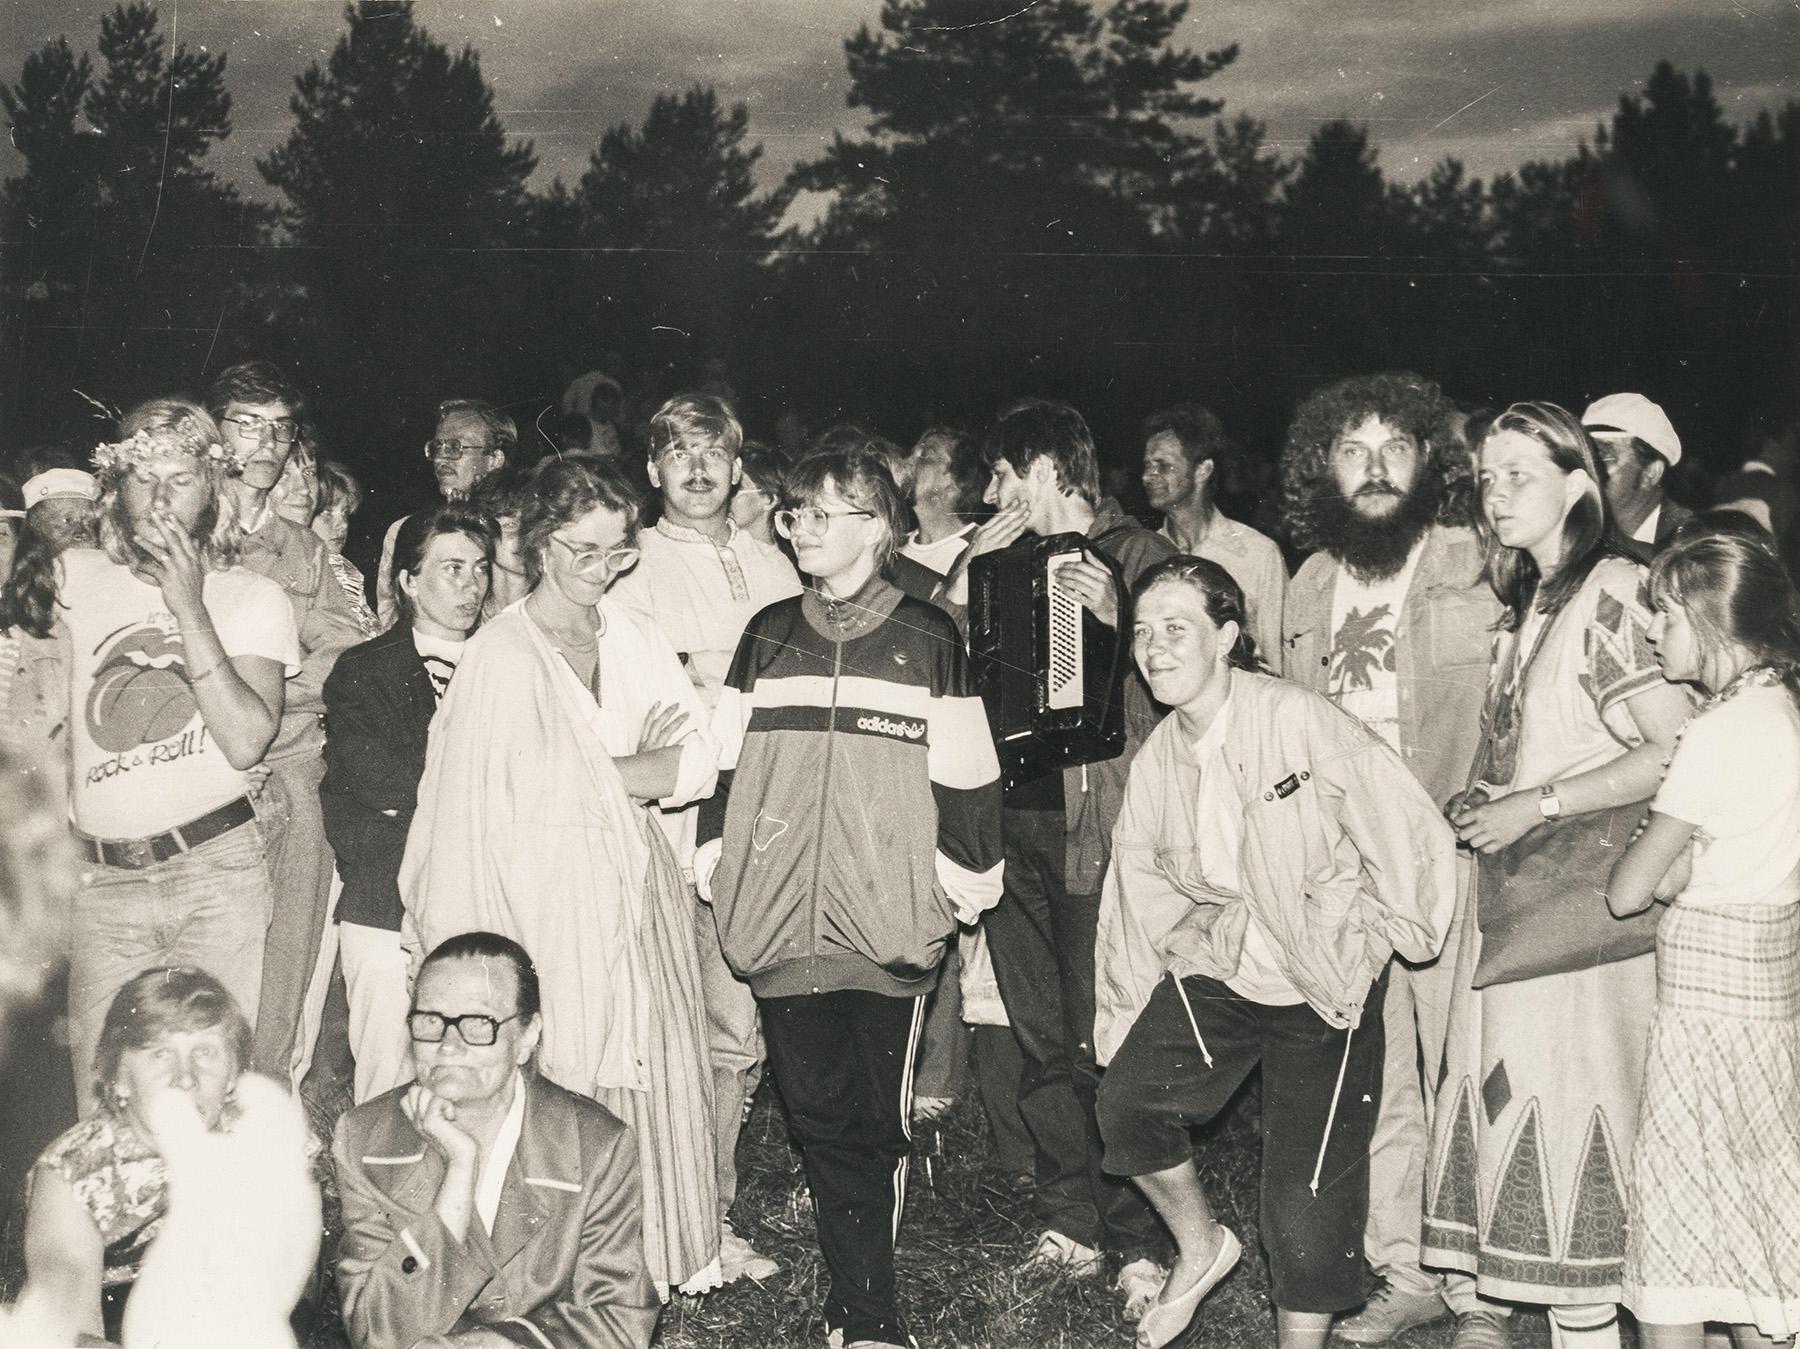 Väkeä inkeriläisten kesäjuhlilla vuonna 1990. SKS KIA, Malkki-perheen arkisto. CC BY 4.0